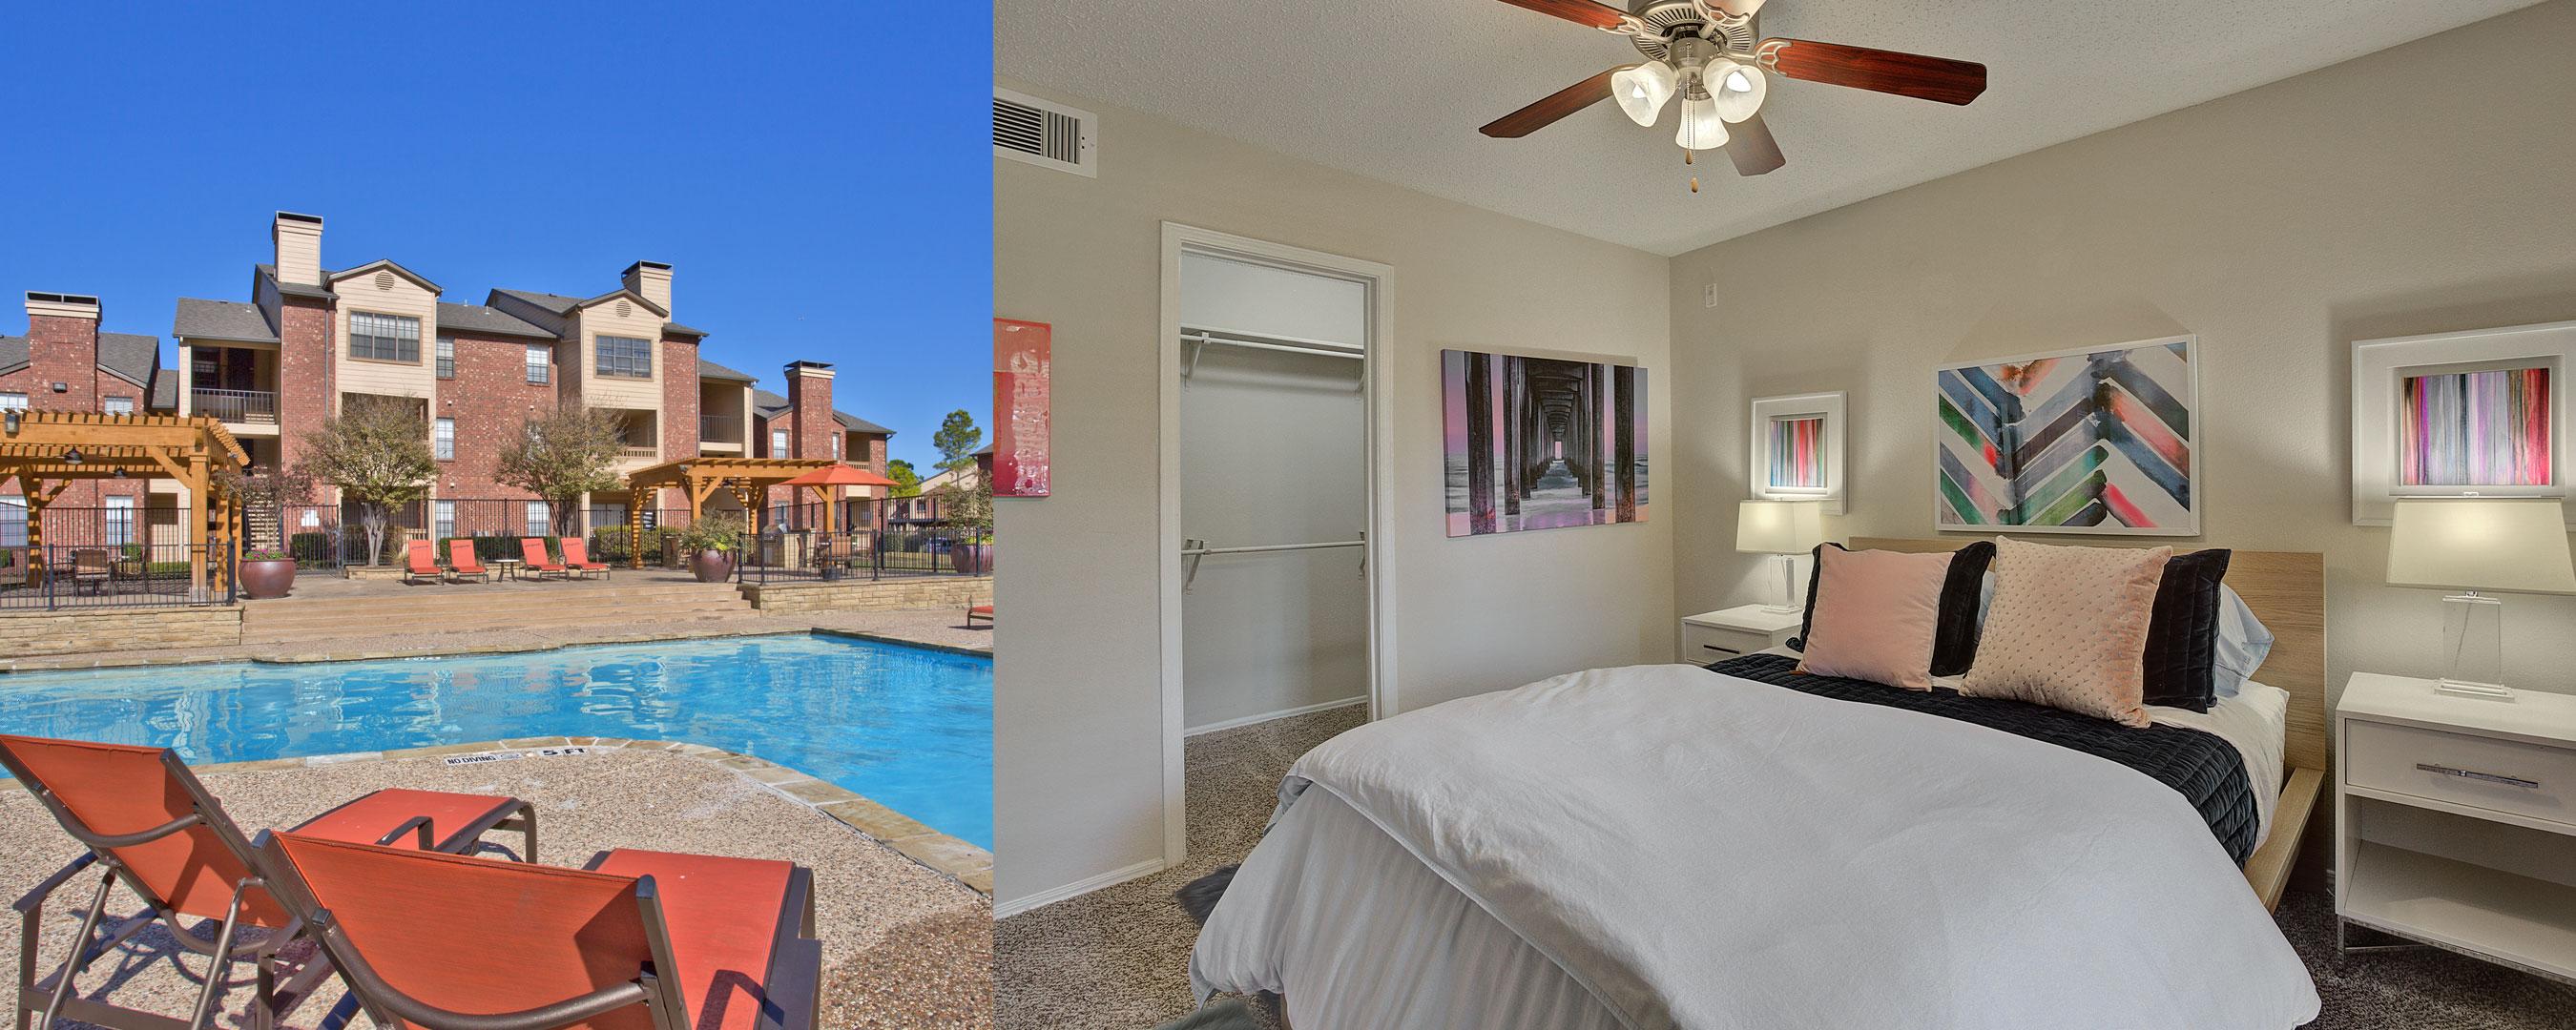 Villa Del Mar | WillMax Apartments | Apartments in ...